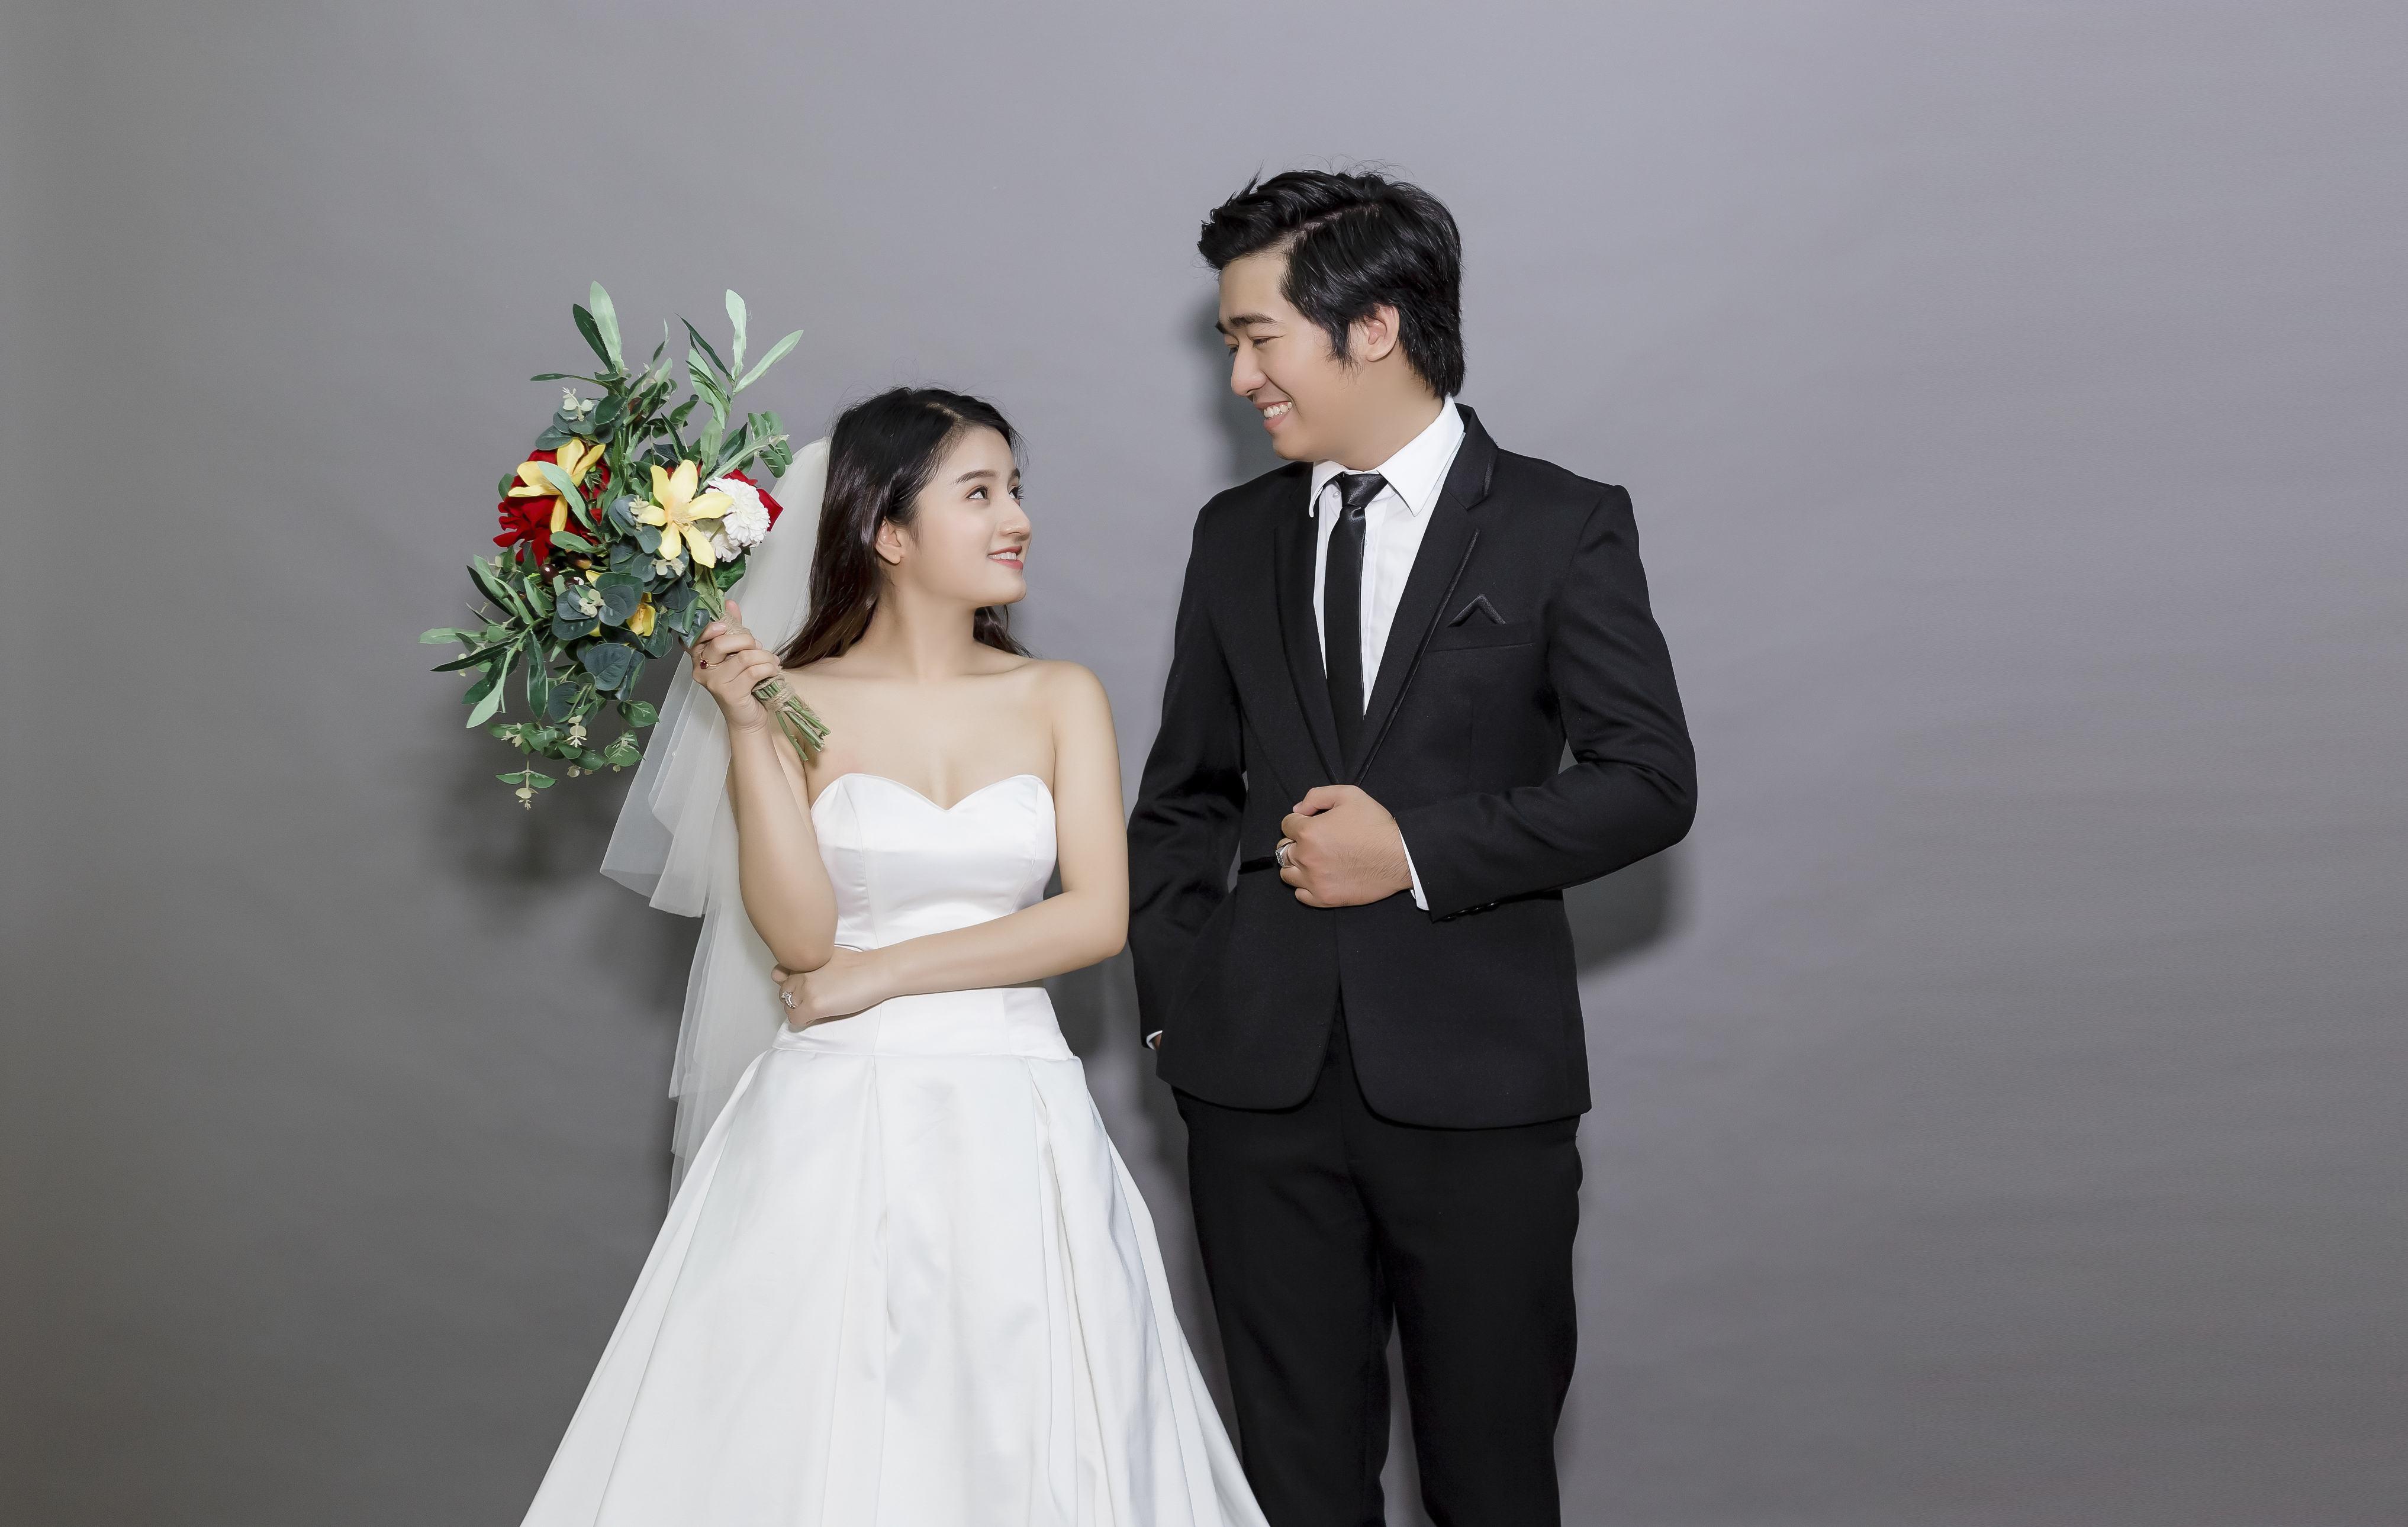 Tổng hợp những ý tưởng chụp hình cưới Hàn Quốc đơn giản đẹp ngay tại studio